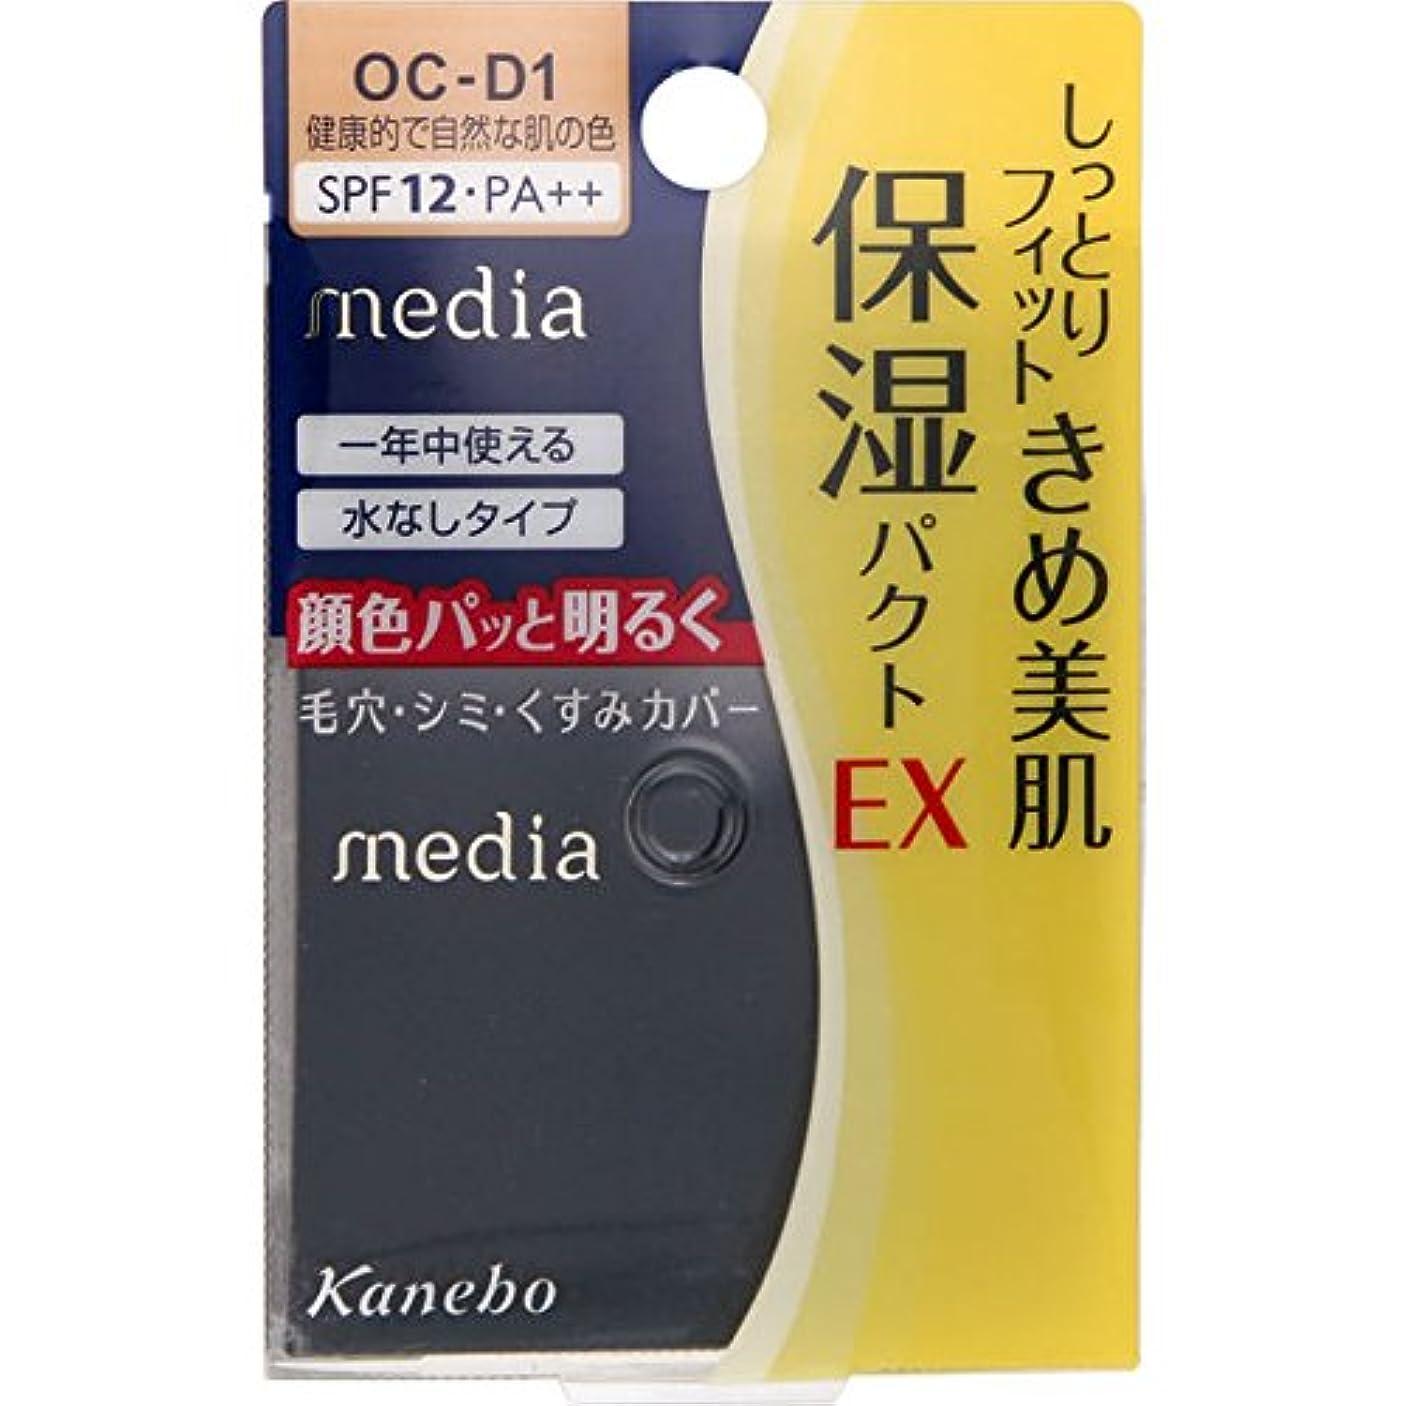 アカデミック発症ディスクカネボウ メディア モイストフィットパクトEX OC-D1(11g)